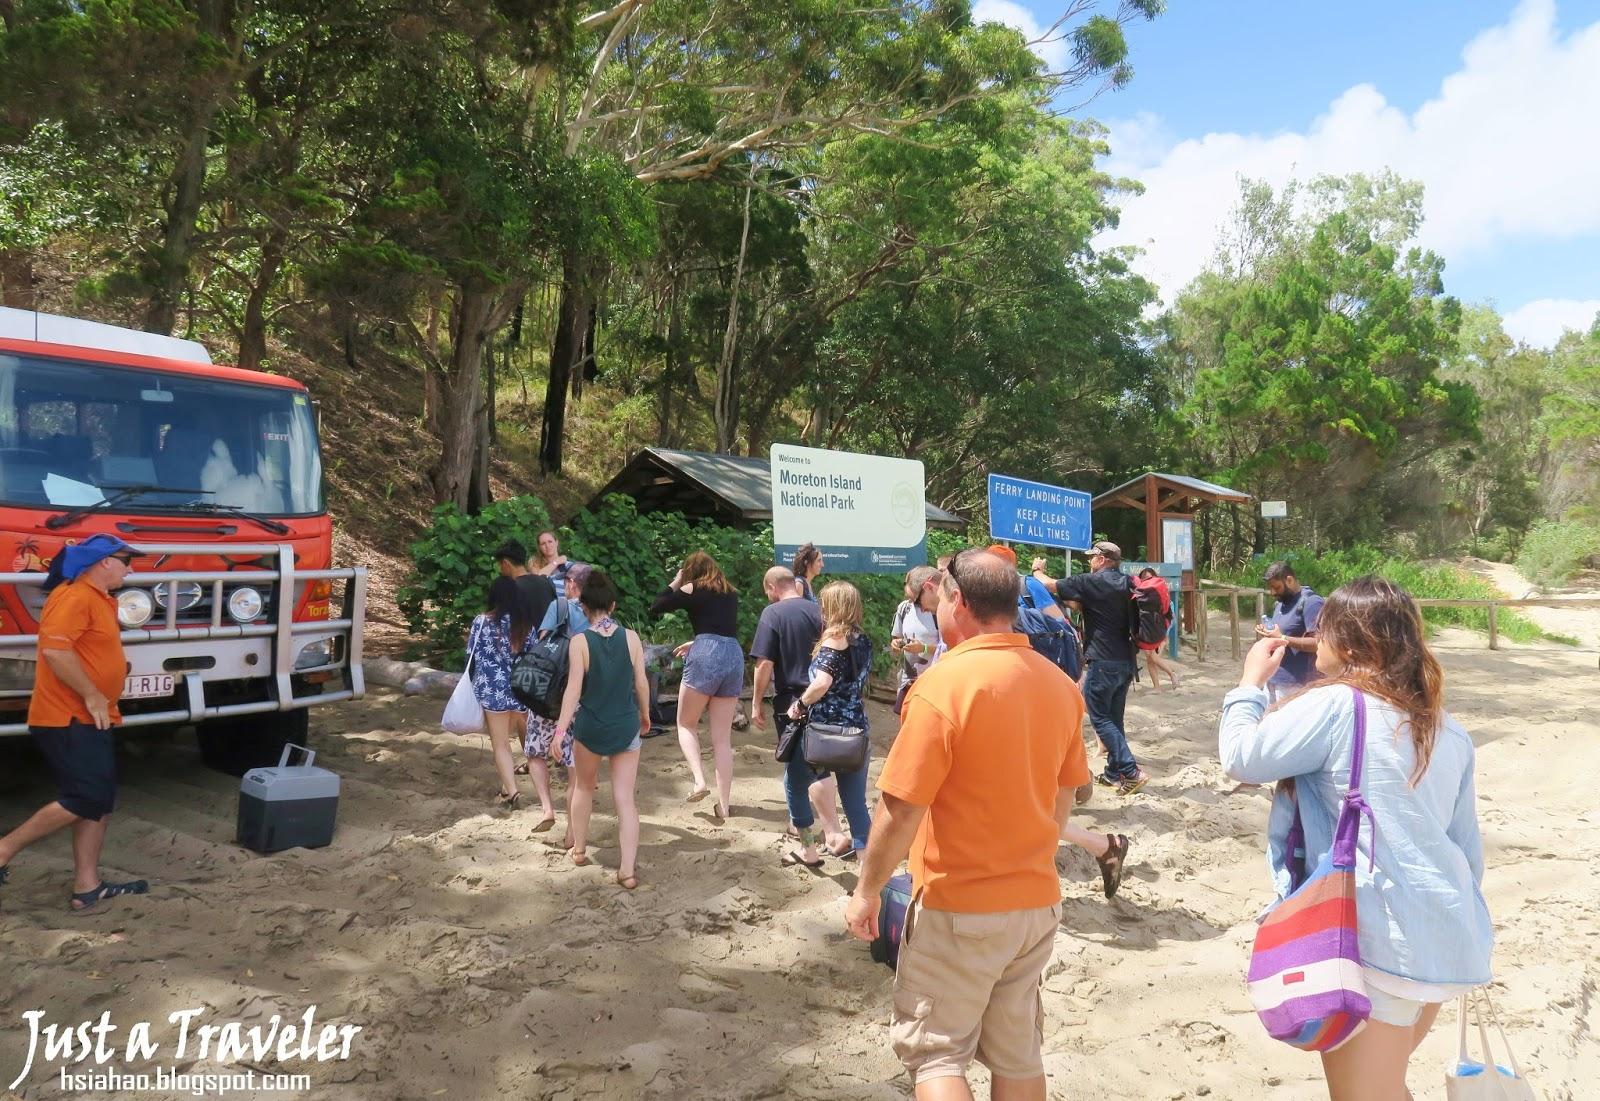 布里斯本-摩頓島-巴士-景點-交通-住宿-推薦-旅遊-自由行-澳洲-Brisbane-Moreton-Island-Tourist-Attraction-Travel-Australia